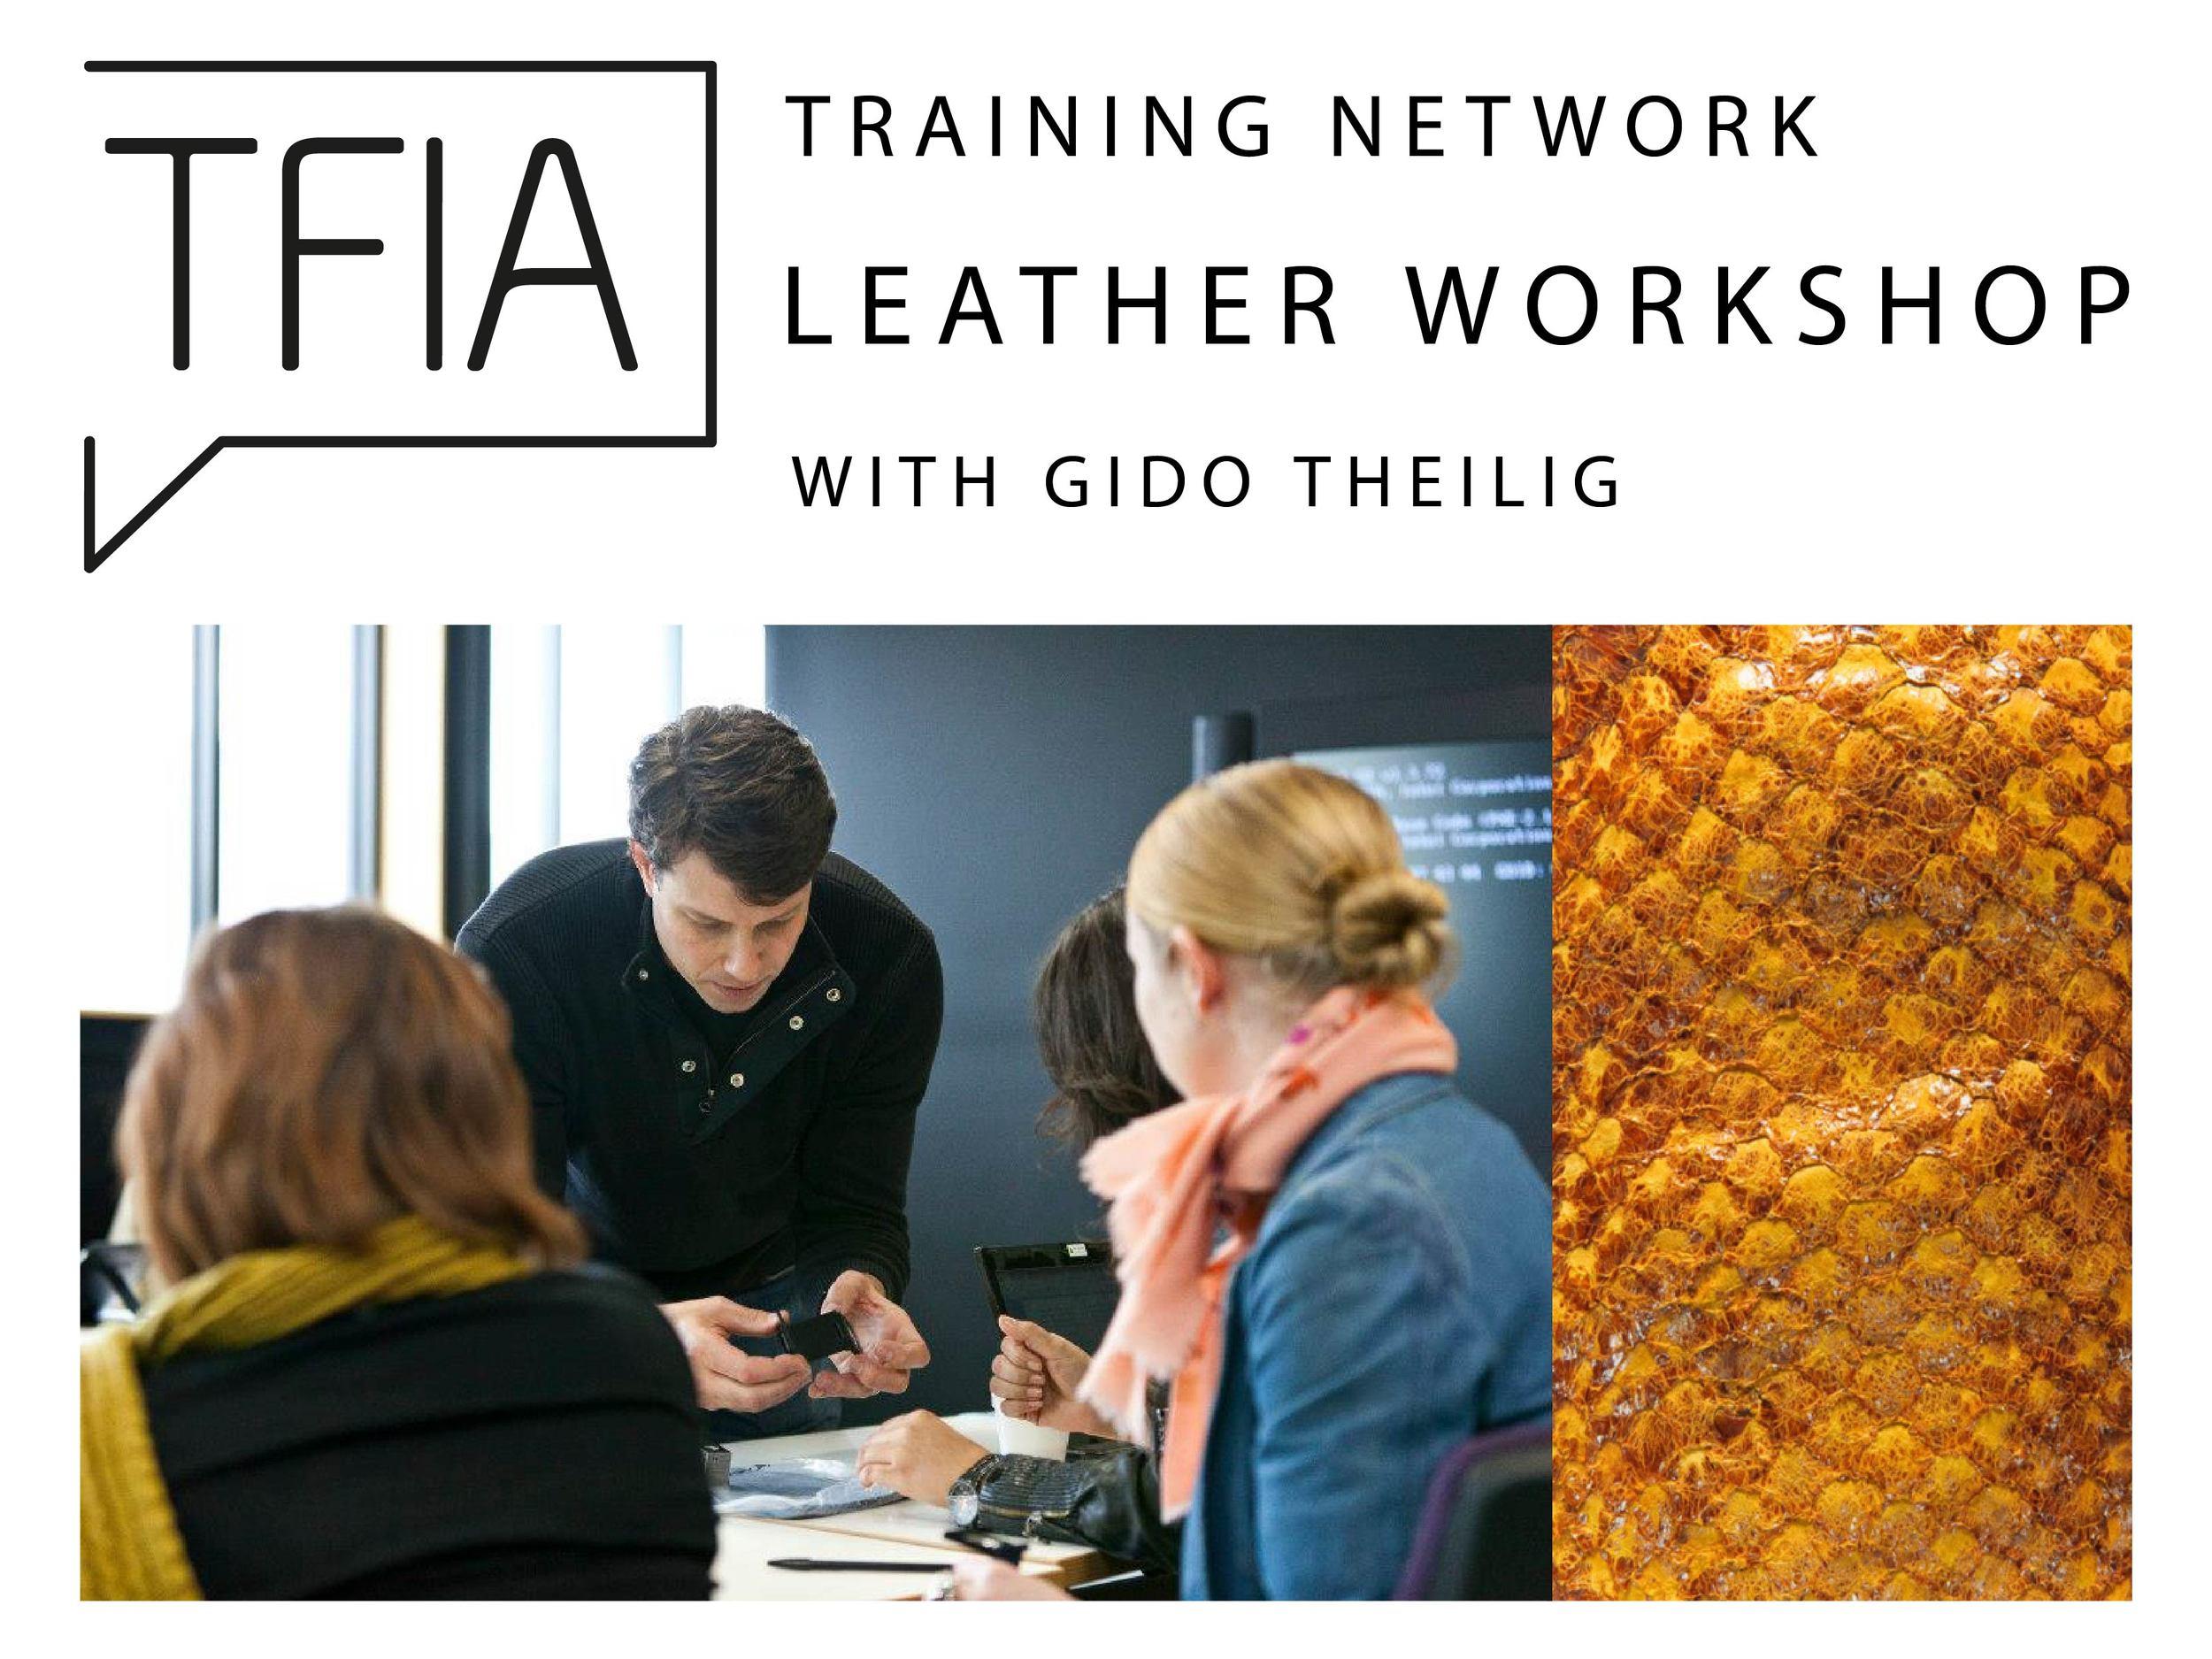 leatherworkshopimage01-1.jpg